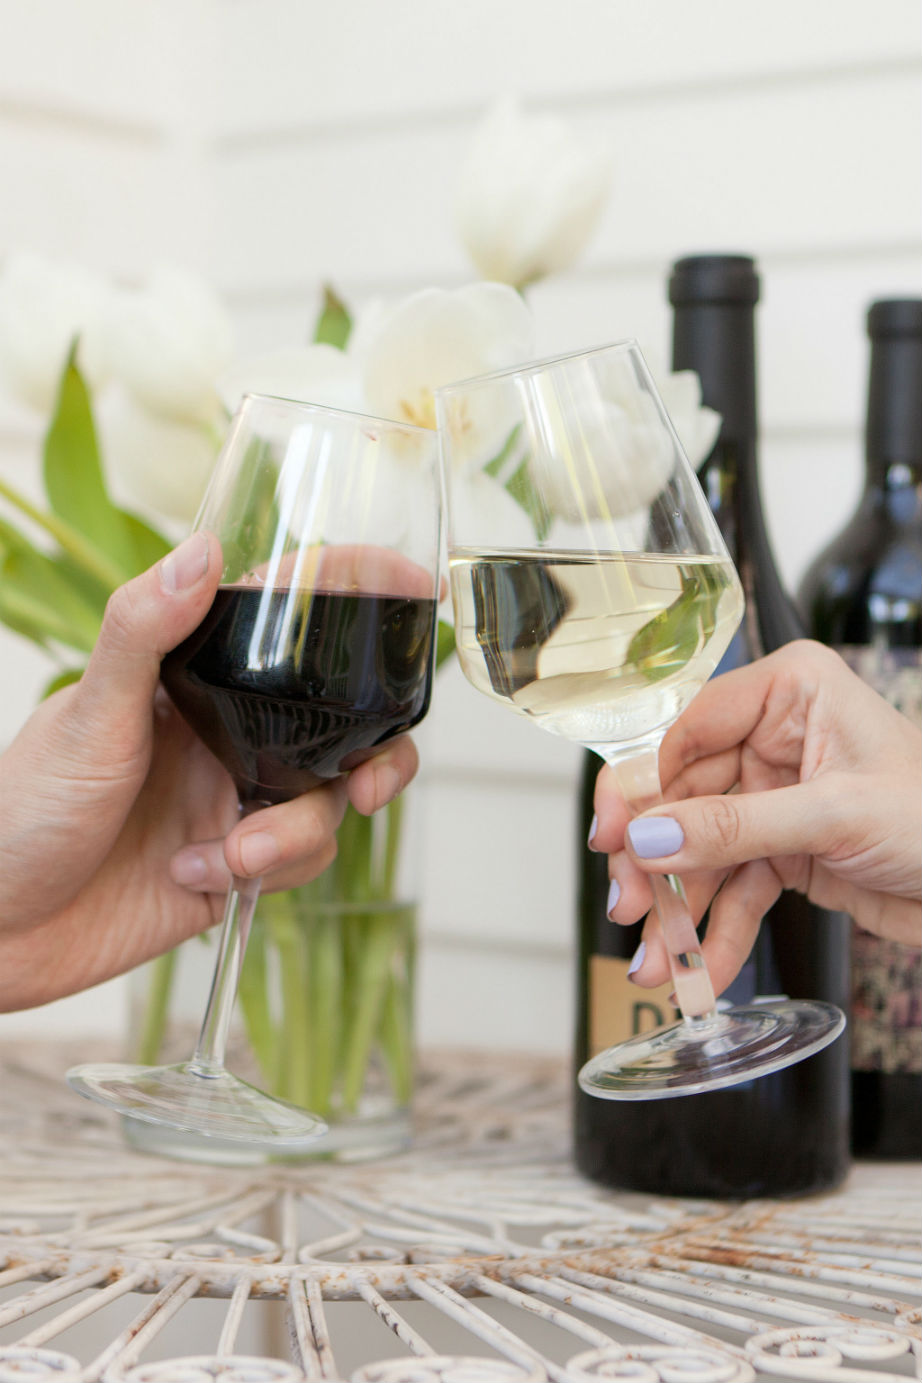 Λερώθηκε το τραπεζομάντηλο με κόκκινο κρασί; Σύντομα θα πίνετε στην υγειά του απορρυπαντικού πιάτων!